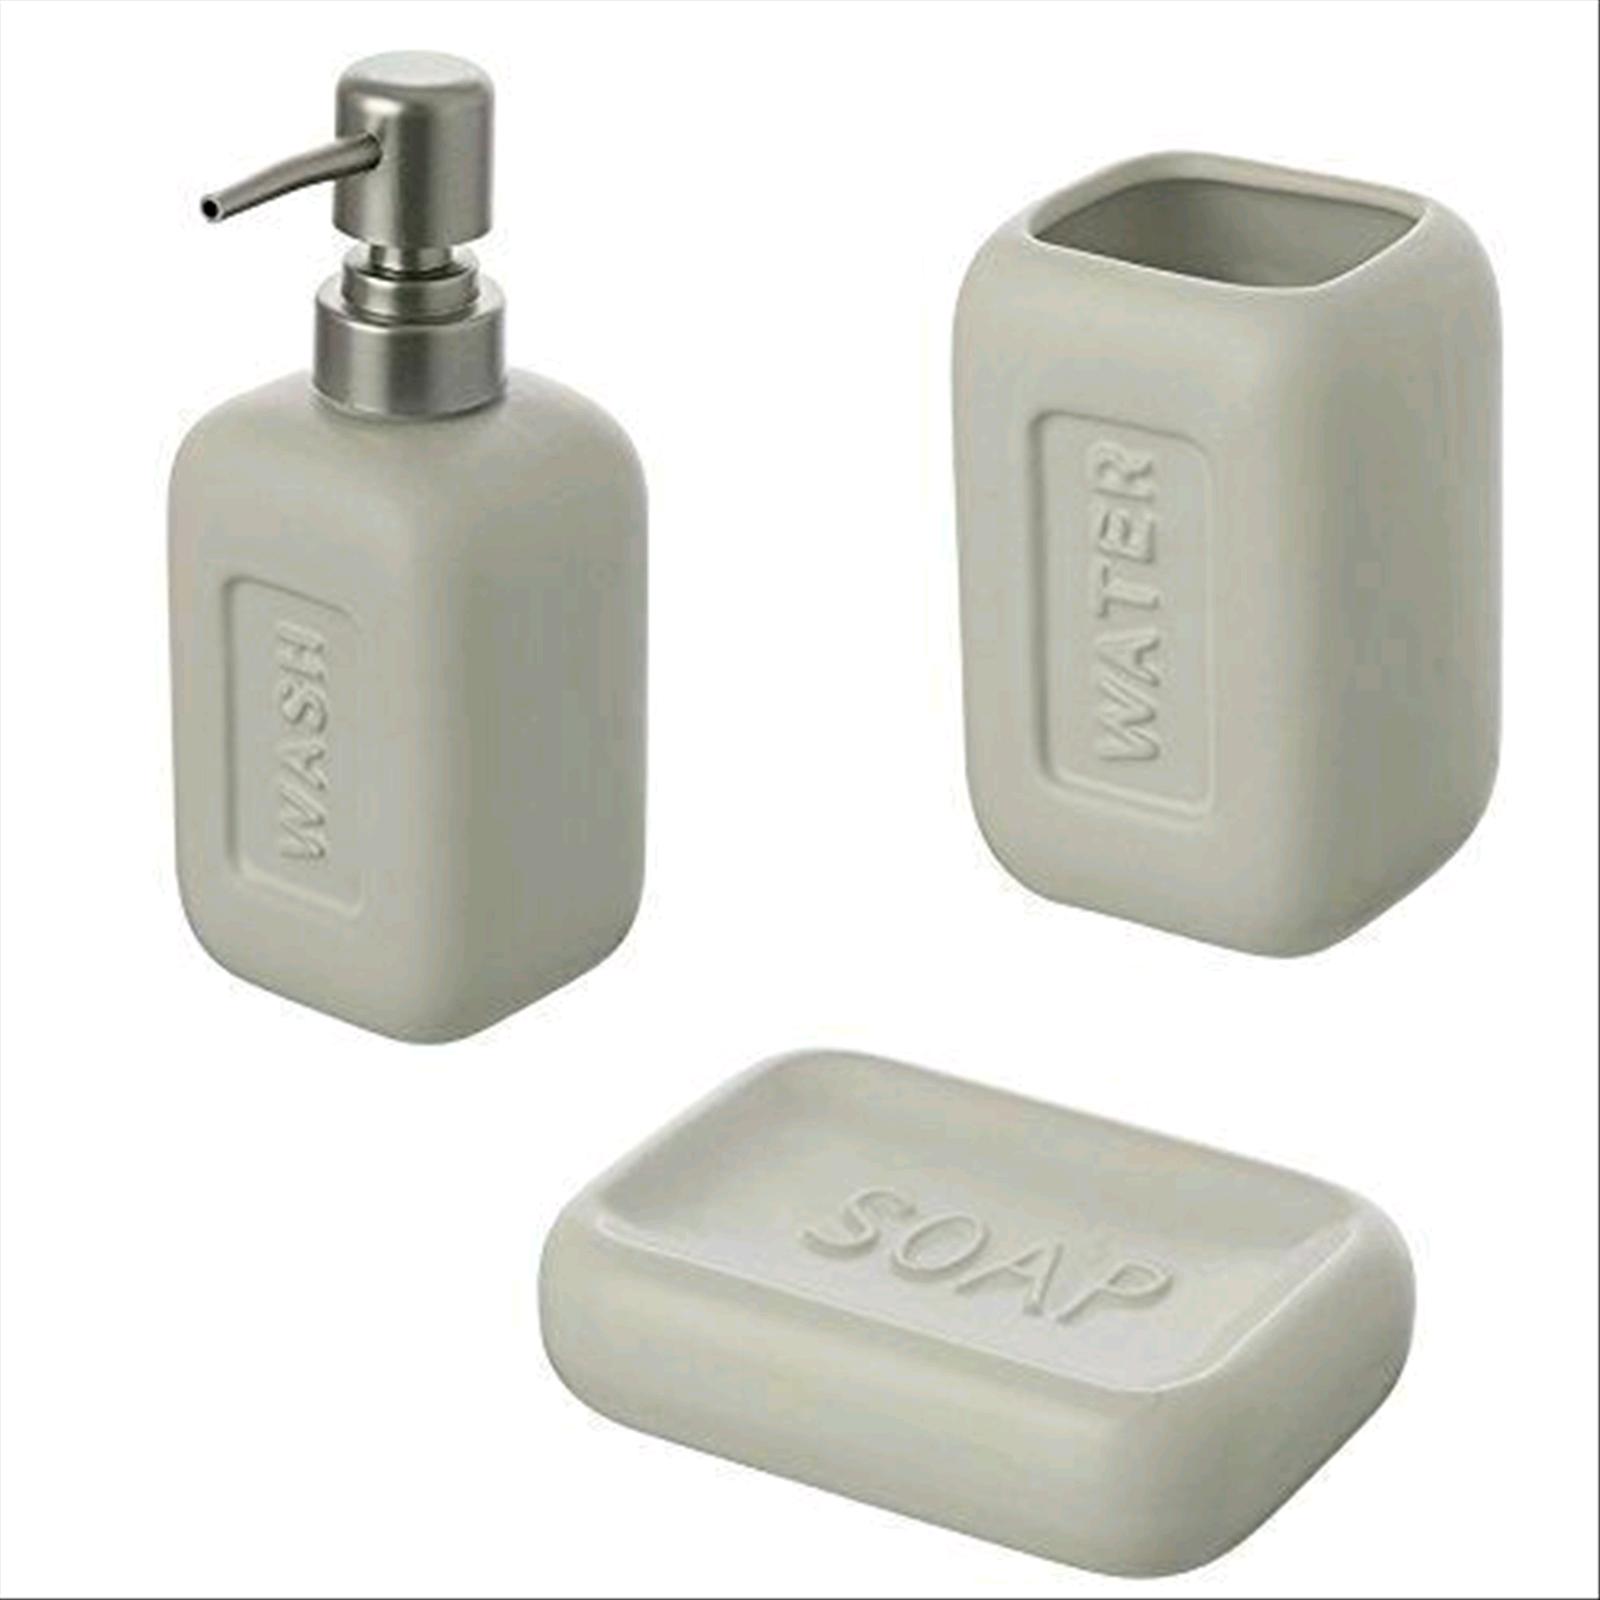 Set Accessori Bagno.Dettagli Su Set Accessori Bagno Bingo Pz 3 Dispenser Porta Sapone Porta Spazzolini